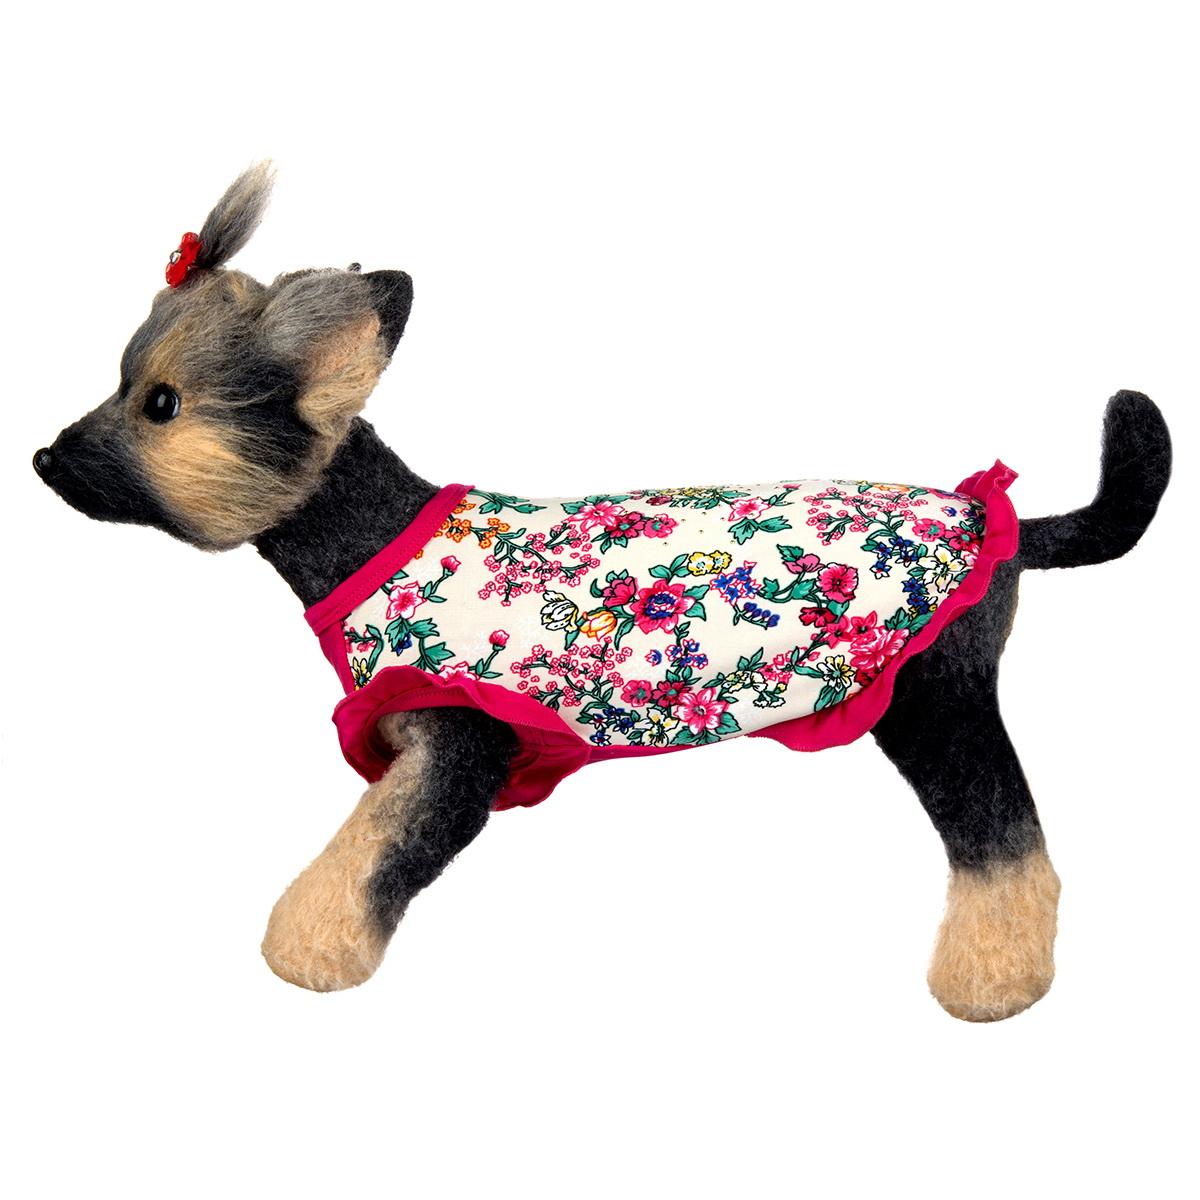 Майка для собак Dogmoda Оливия, для девочки. Размер 1 (S) догмода футболка с капюшоном для собак dogmoda 1